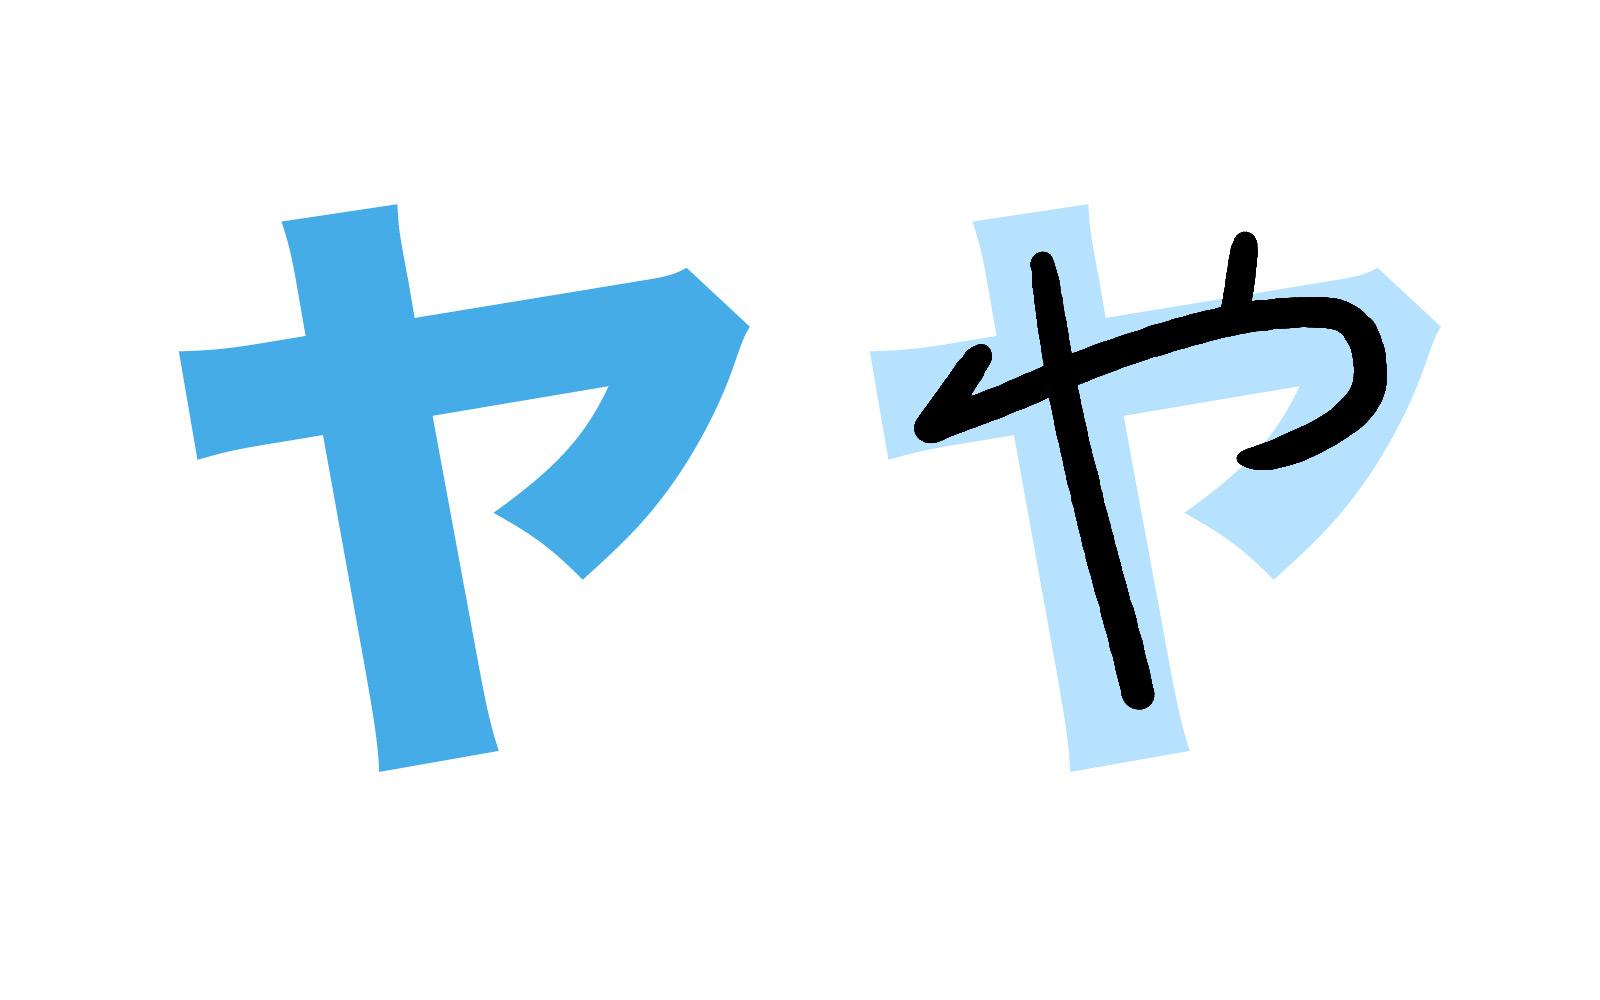 Katakana character ヤ mnemonic